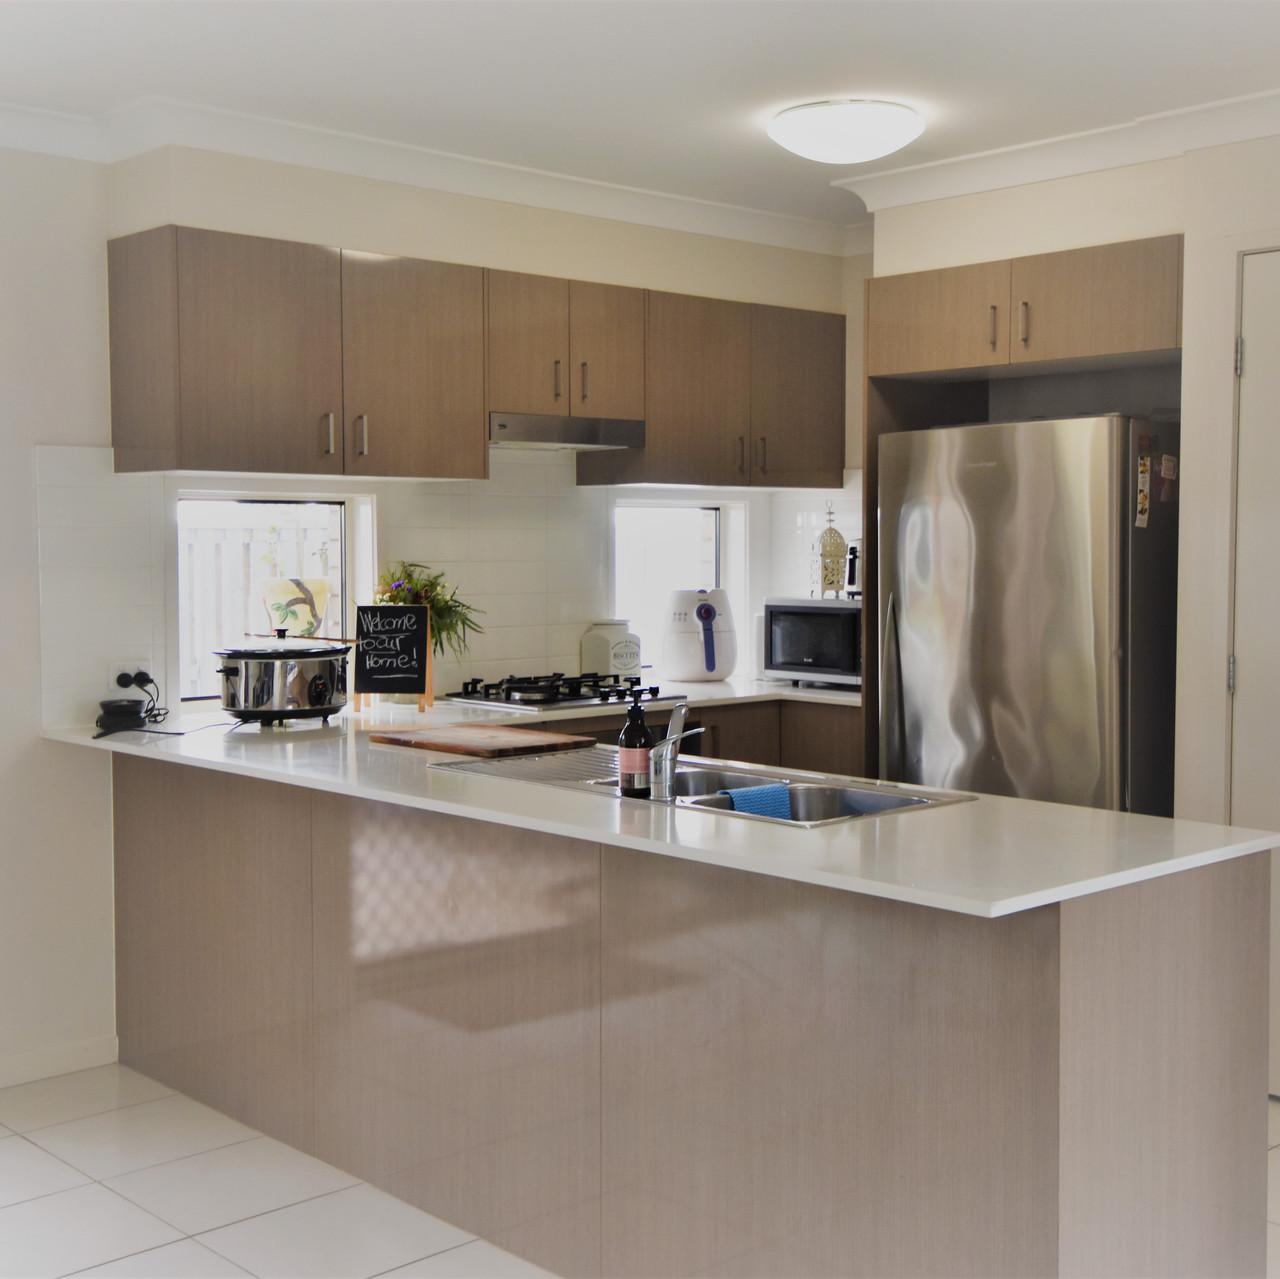 Kitchen 1 - New